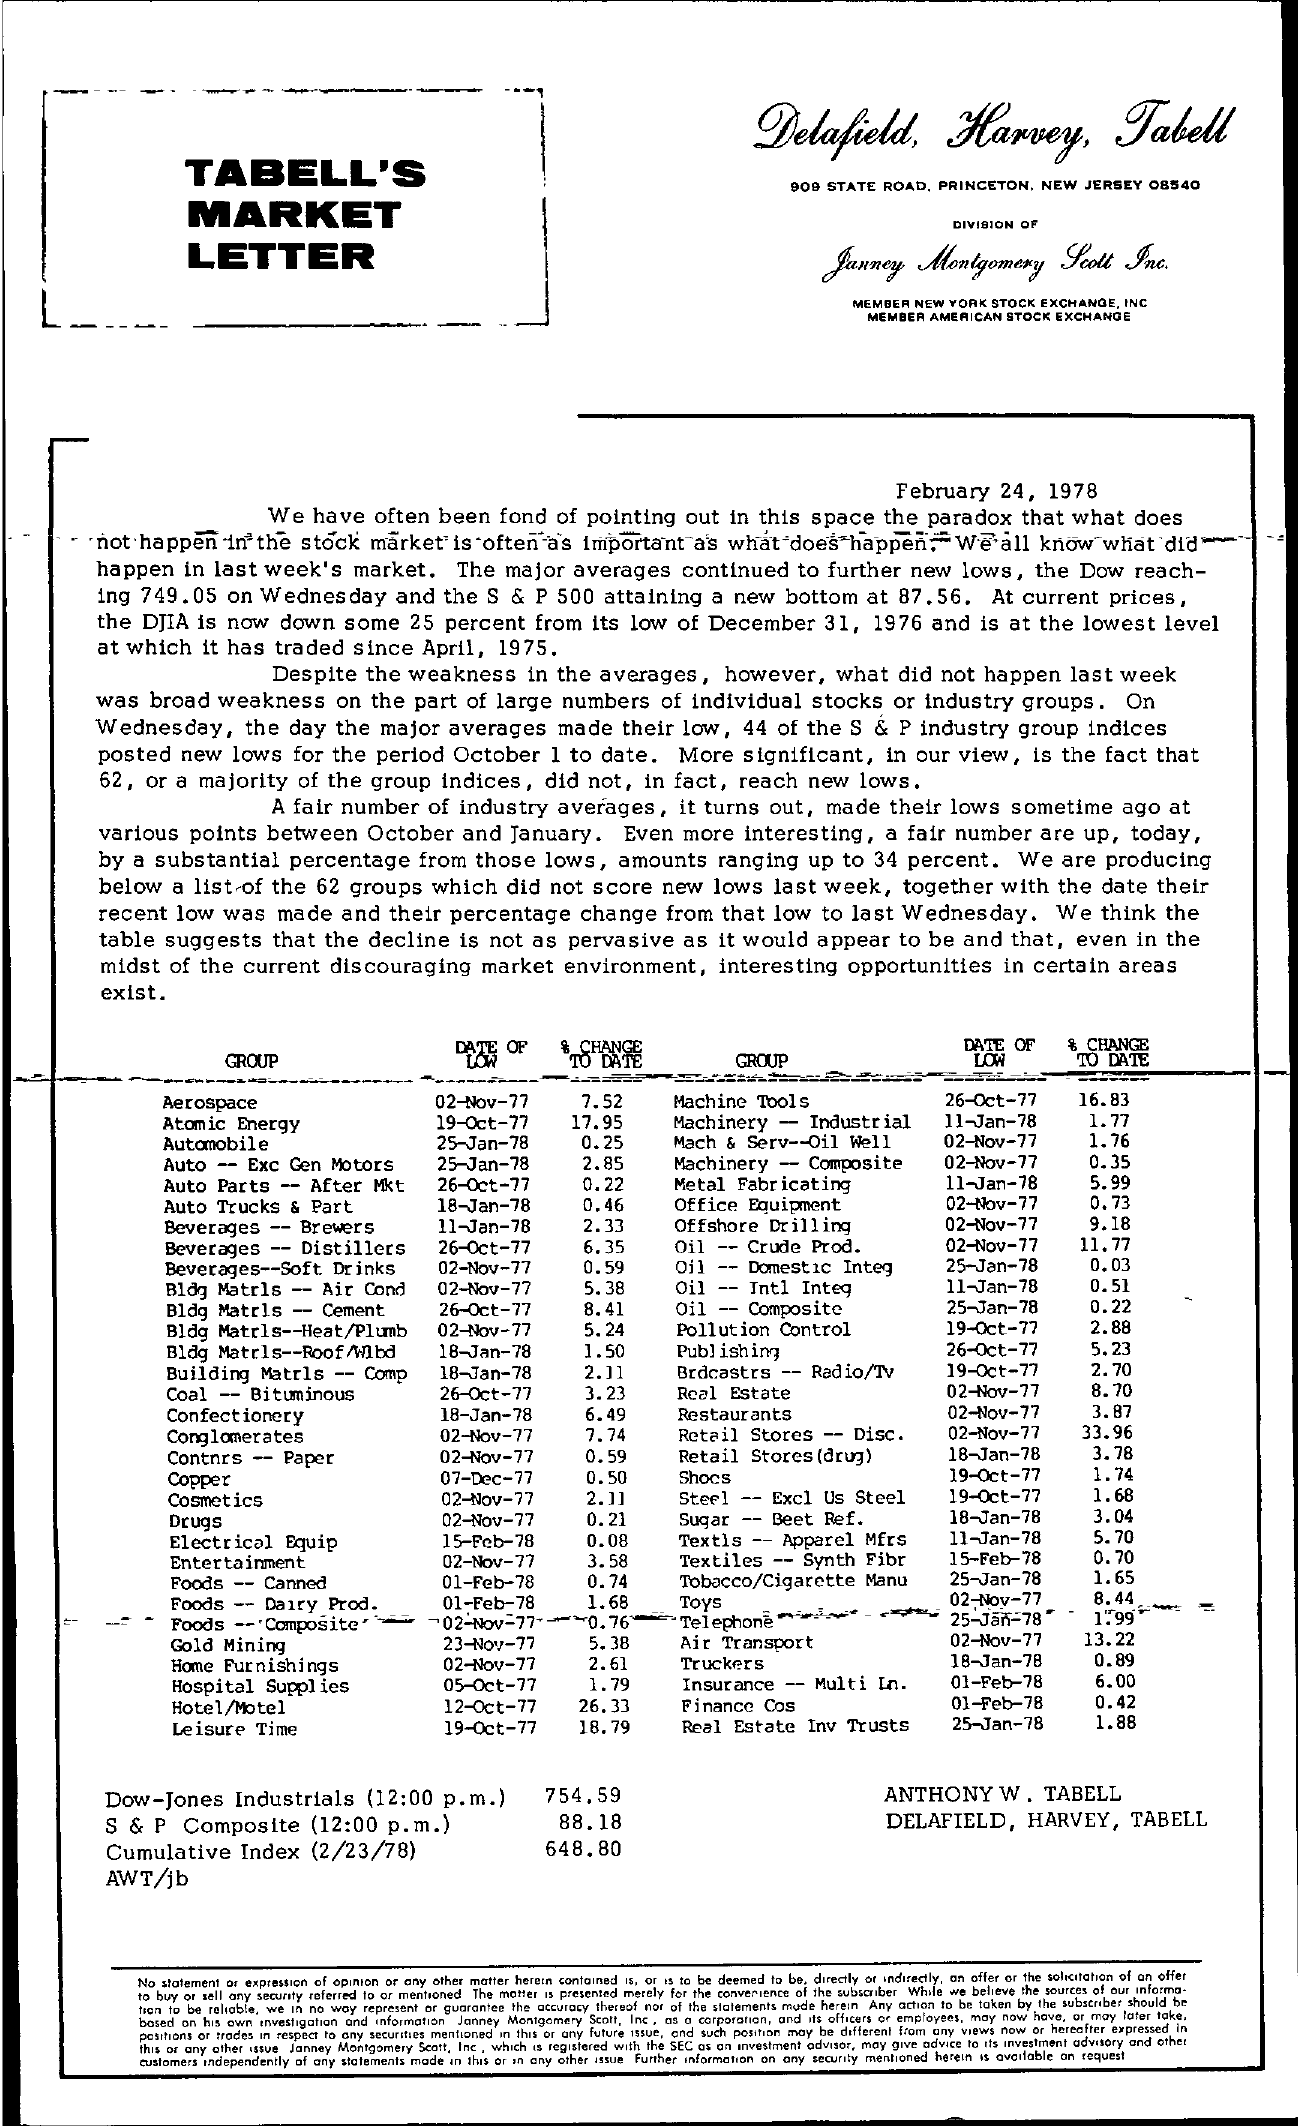 Tabell's Market Letter - February 24, 1978